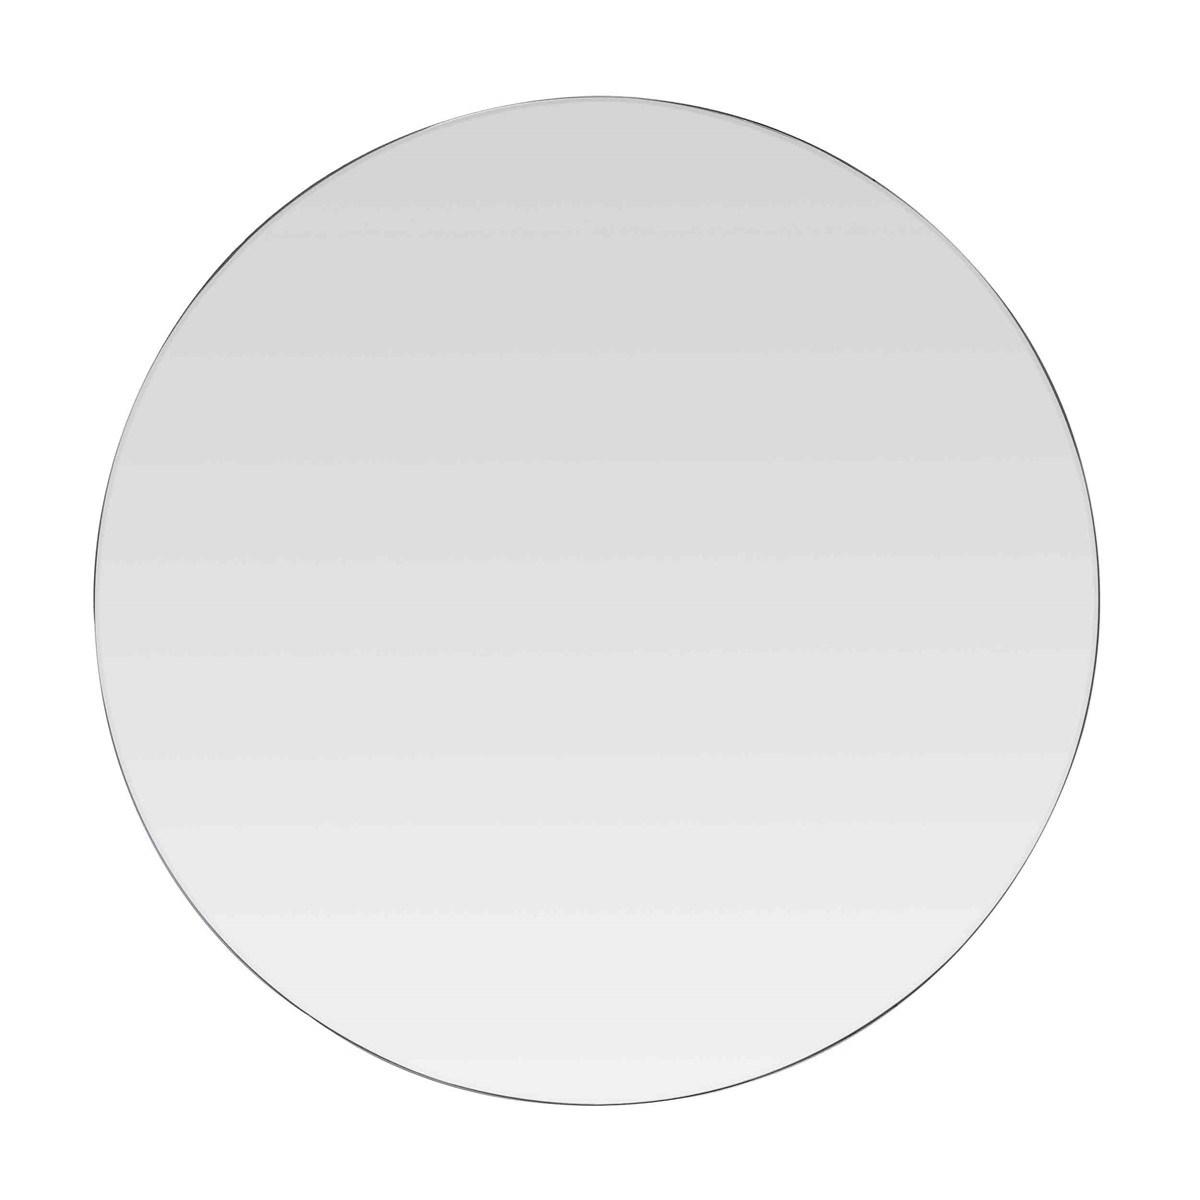 Miroir rond en verre noir D: 80 cm